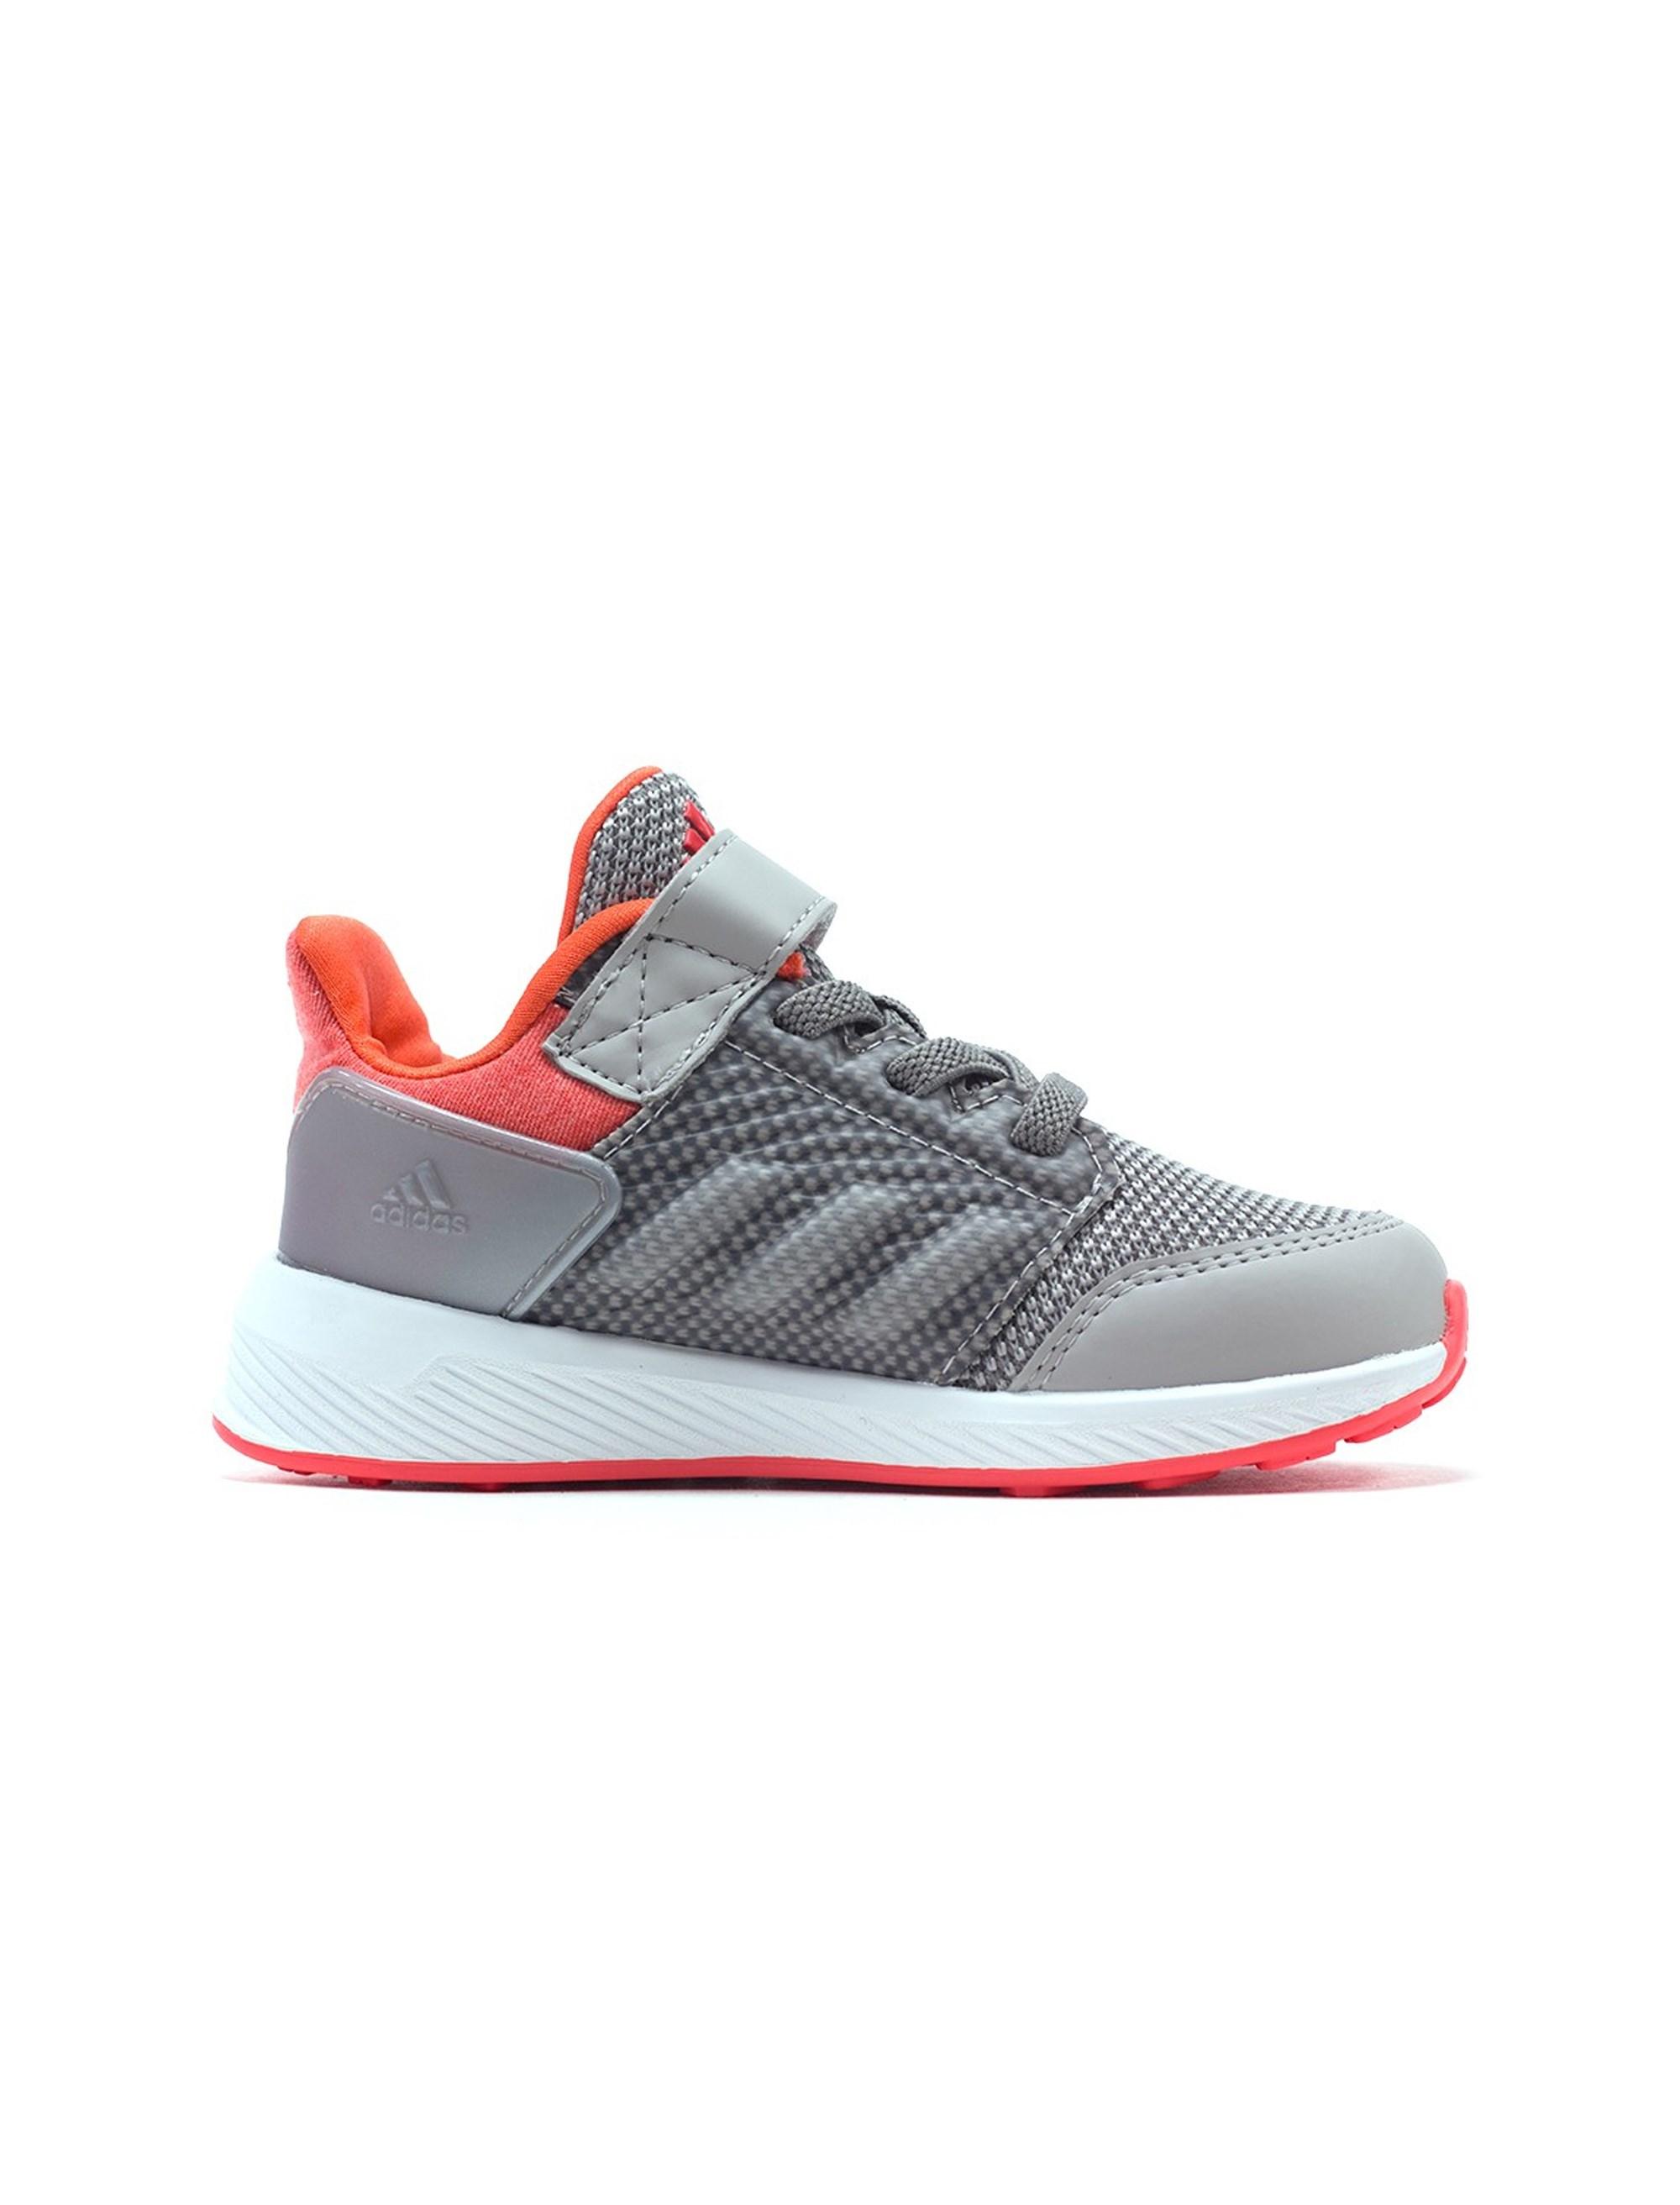 کفش دویدن بندی پسرانه RapidaRun - آدیداس - نقره اي و صورتي - 5